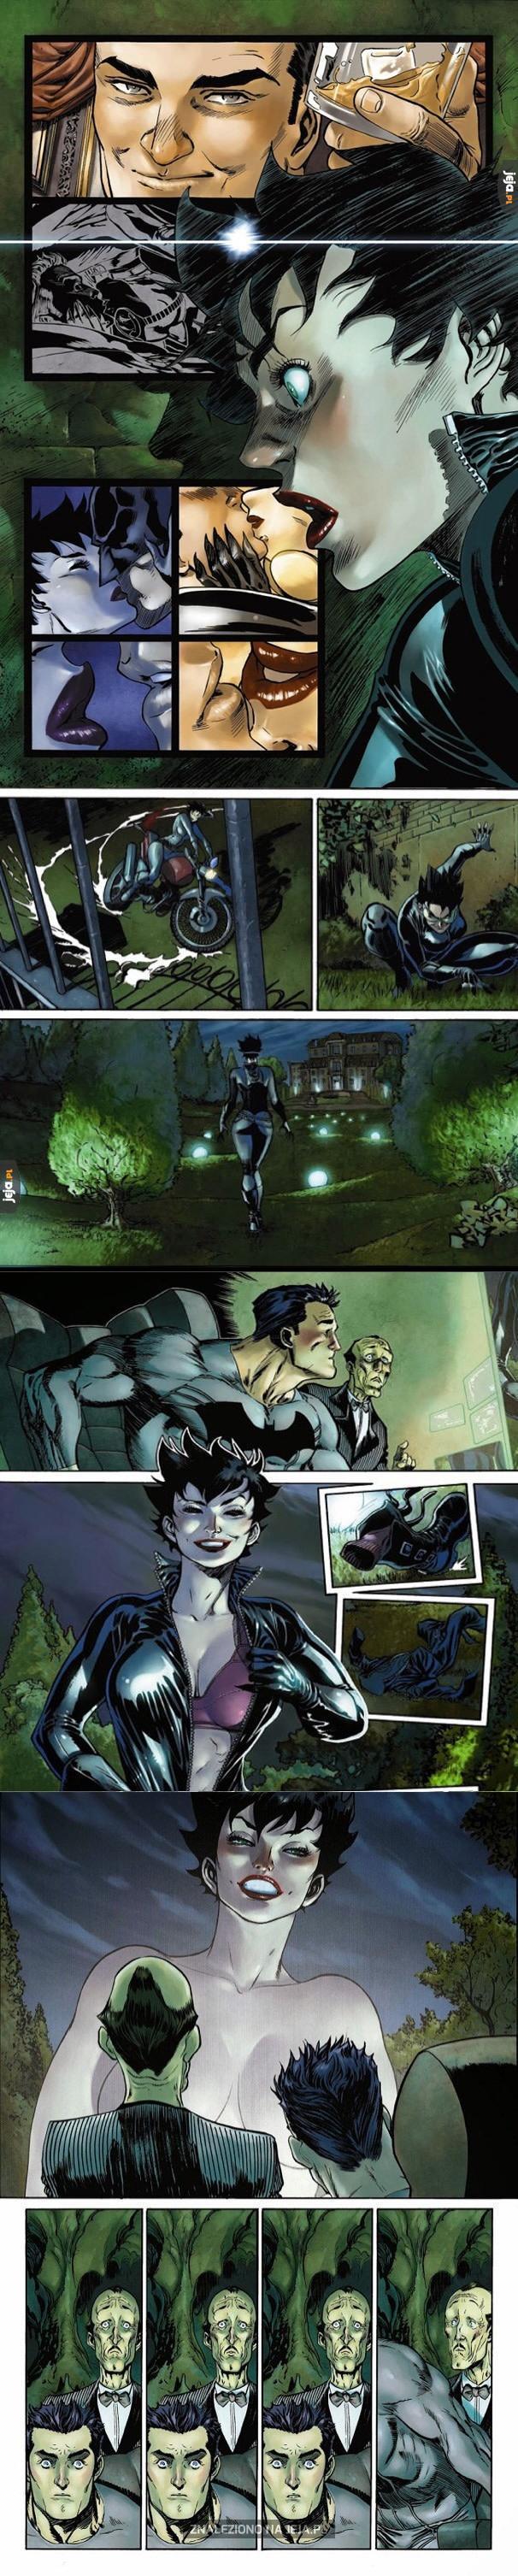 Batman wkracza do akcji